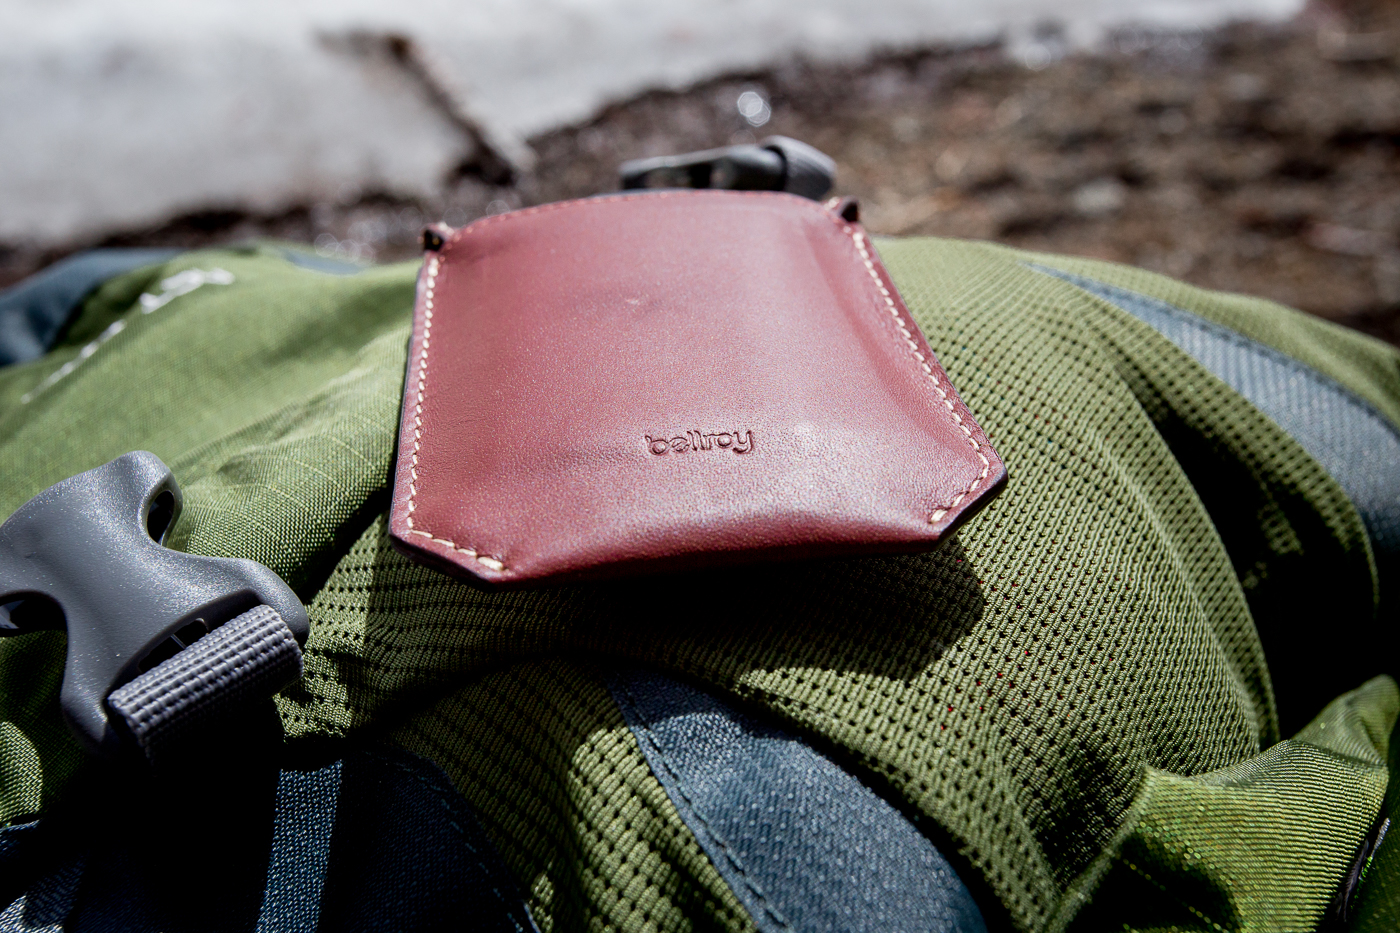 bellroy elements sleeve wallet